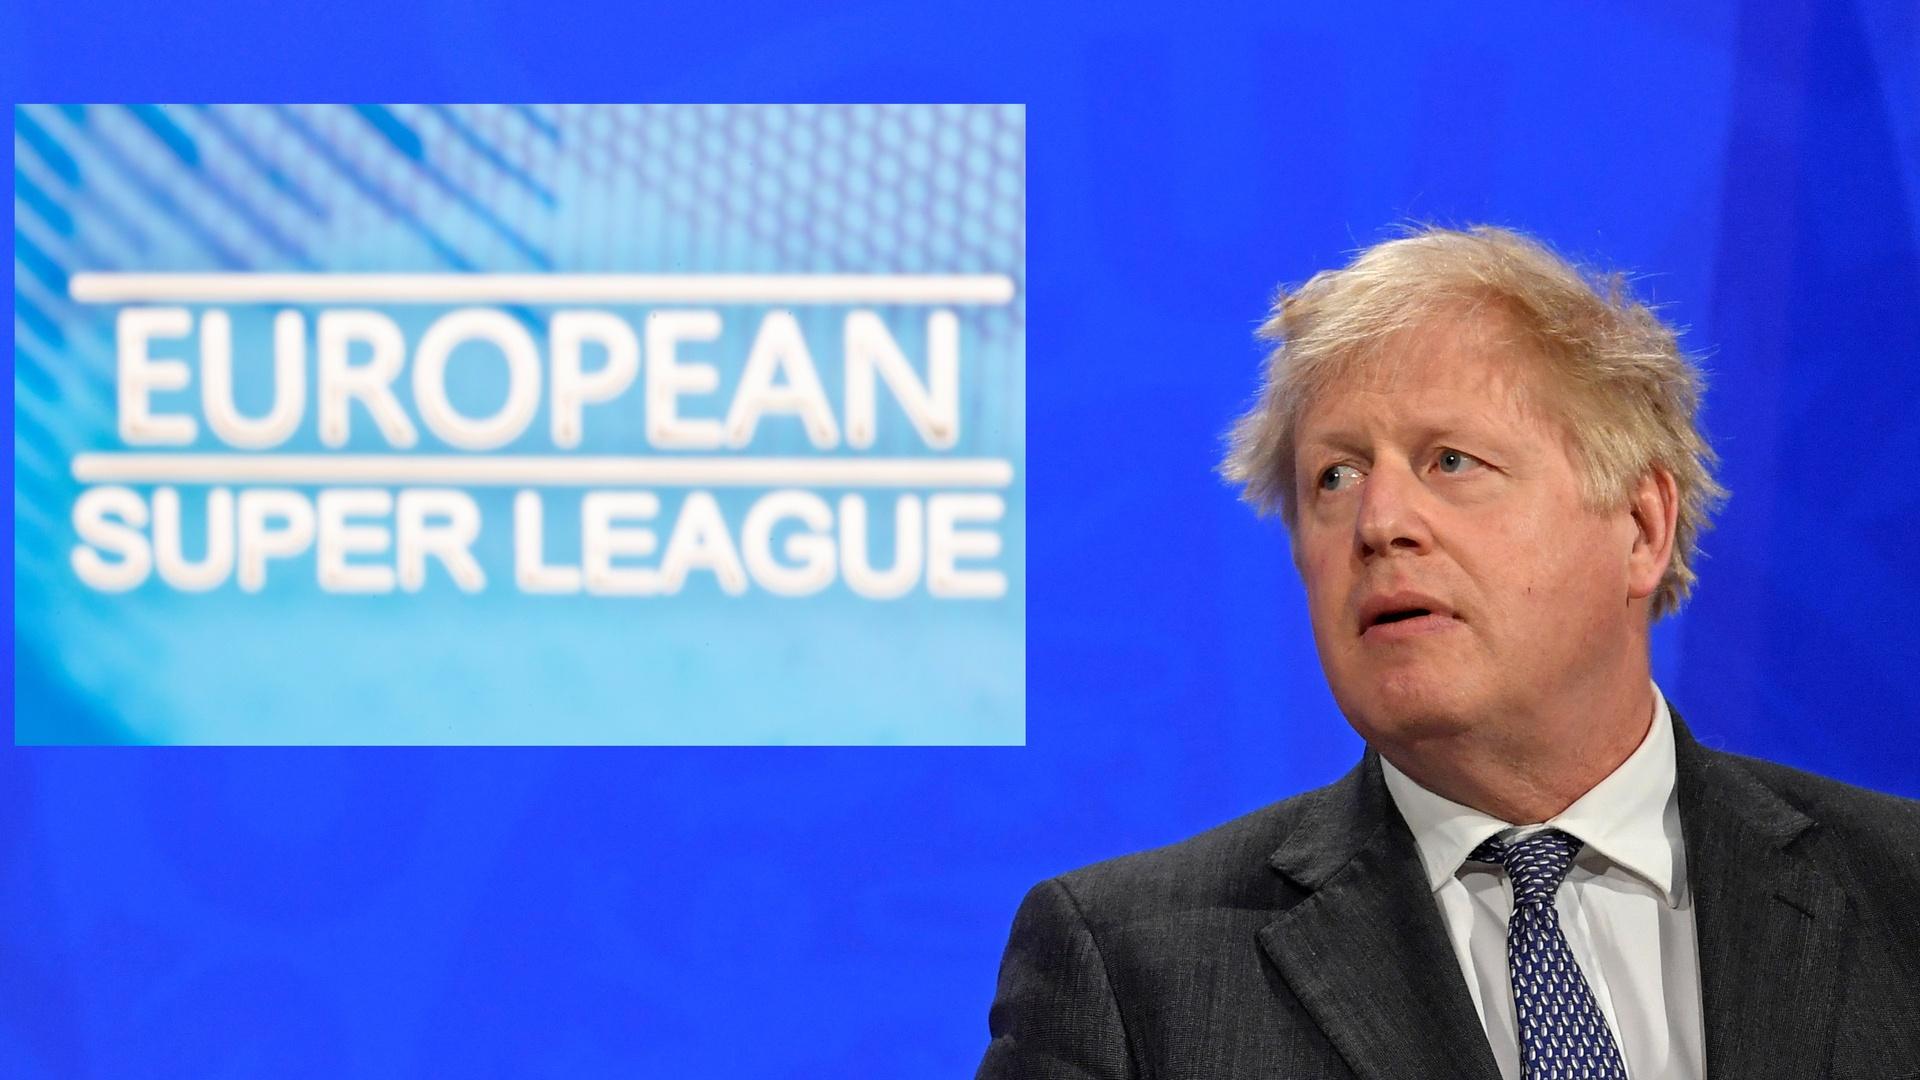 رئيس الوزراء البريطاني يشيد بالانسحاب الجماعي من مشروع السوبر الأوروبي